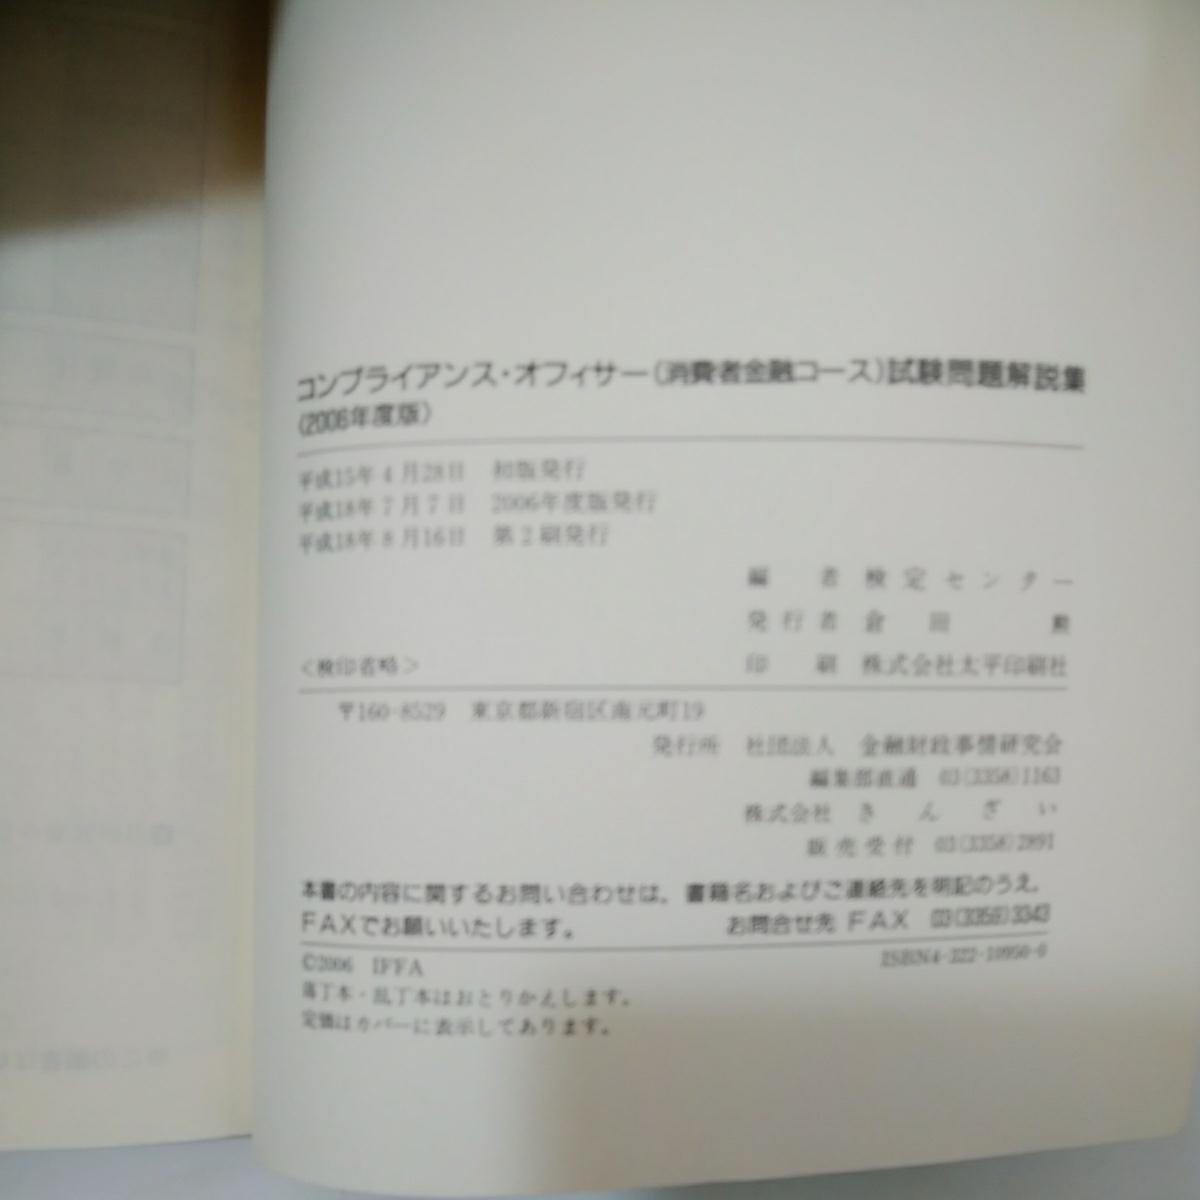 ♪コンプライアンス・オフィサー(消費者金融コース)試験問題解説集〈2006年度版〉 (金融業務能力検定) 単行本 2006/7 z-44-②_画像6